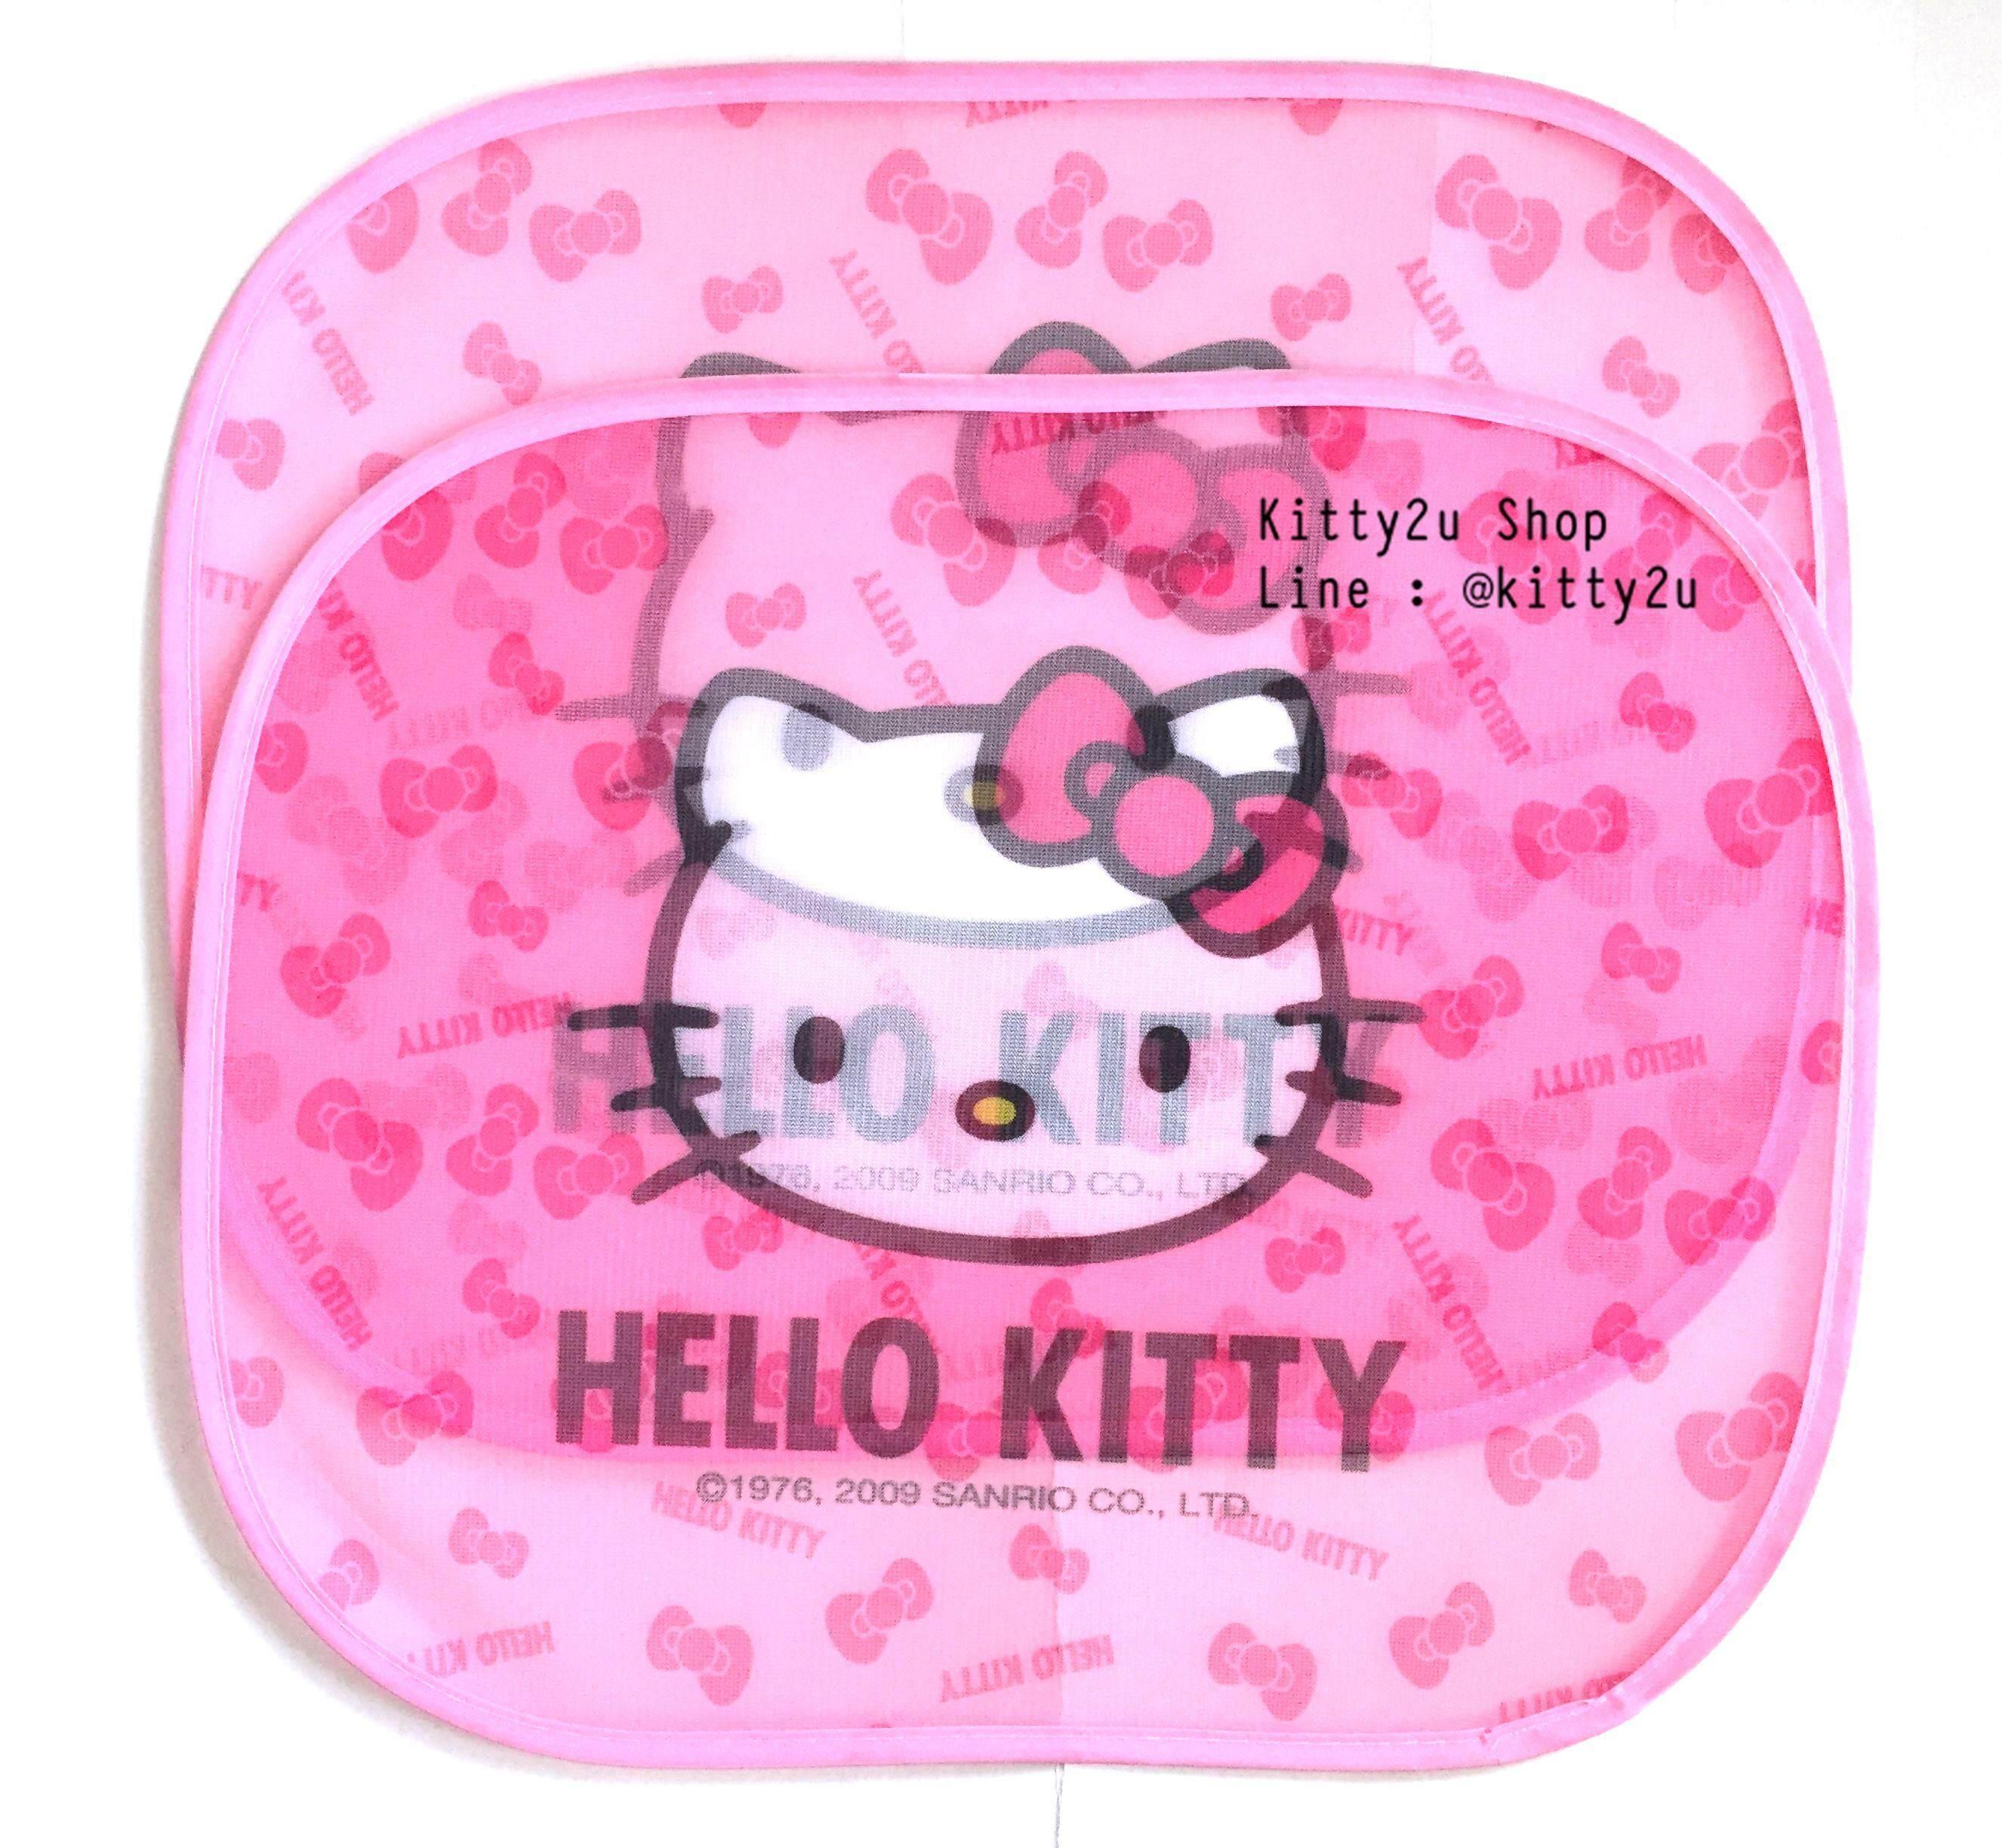 บังแดดคิตตี้ 1 ชุด มี 2 ชิ้น By Kitty2u Shop.